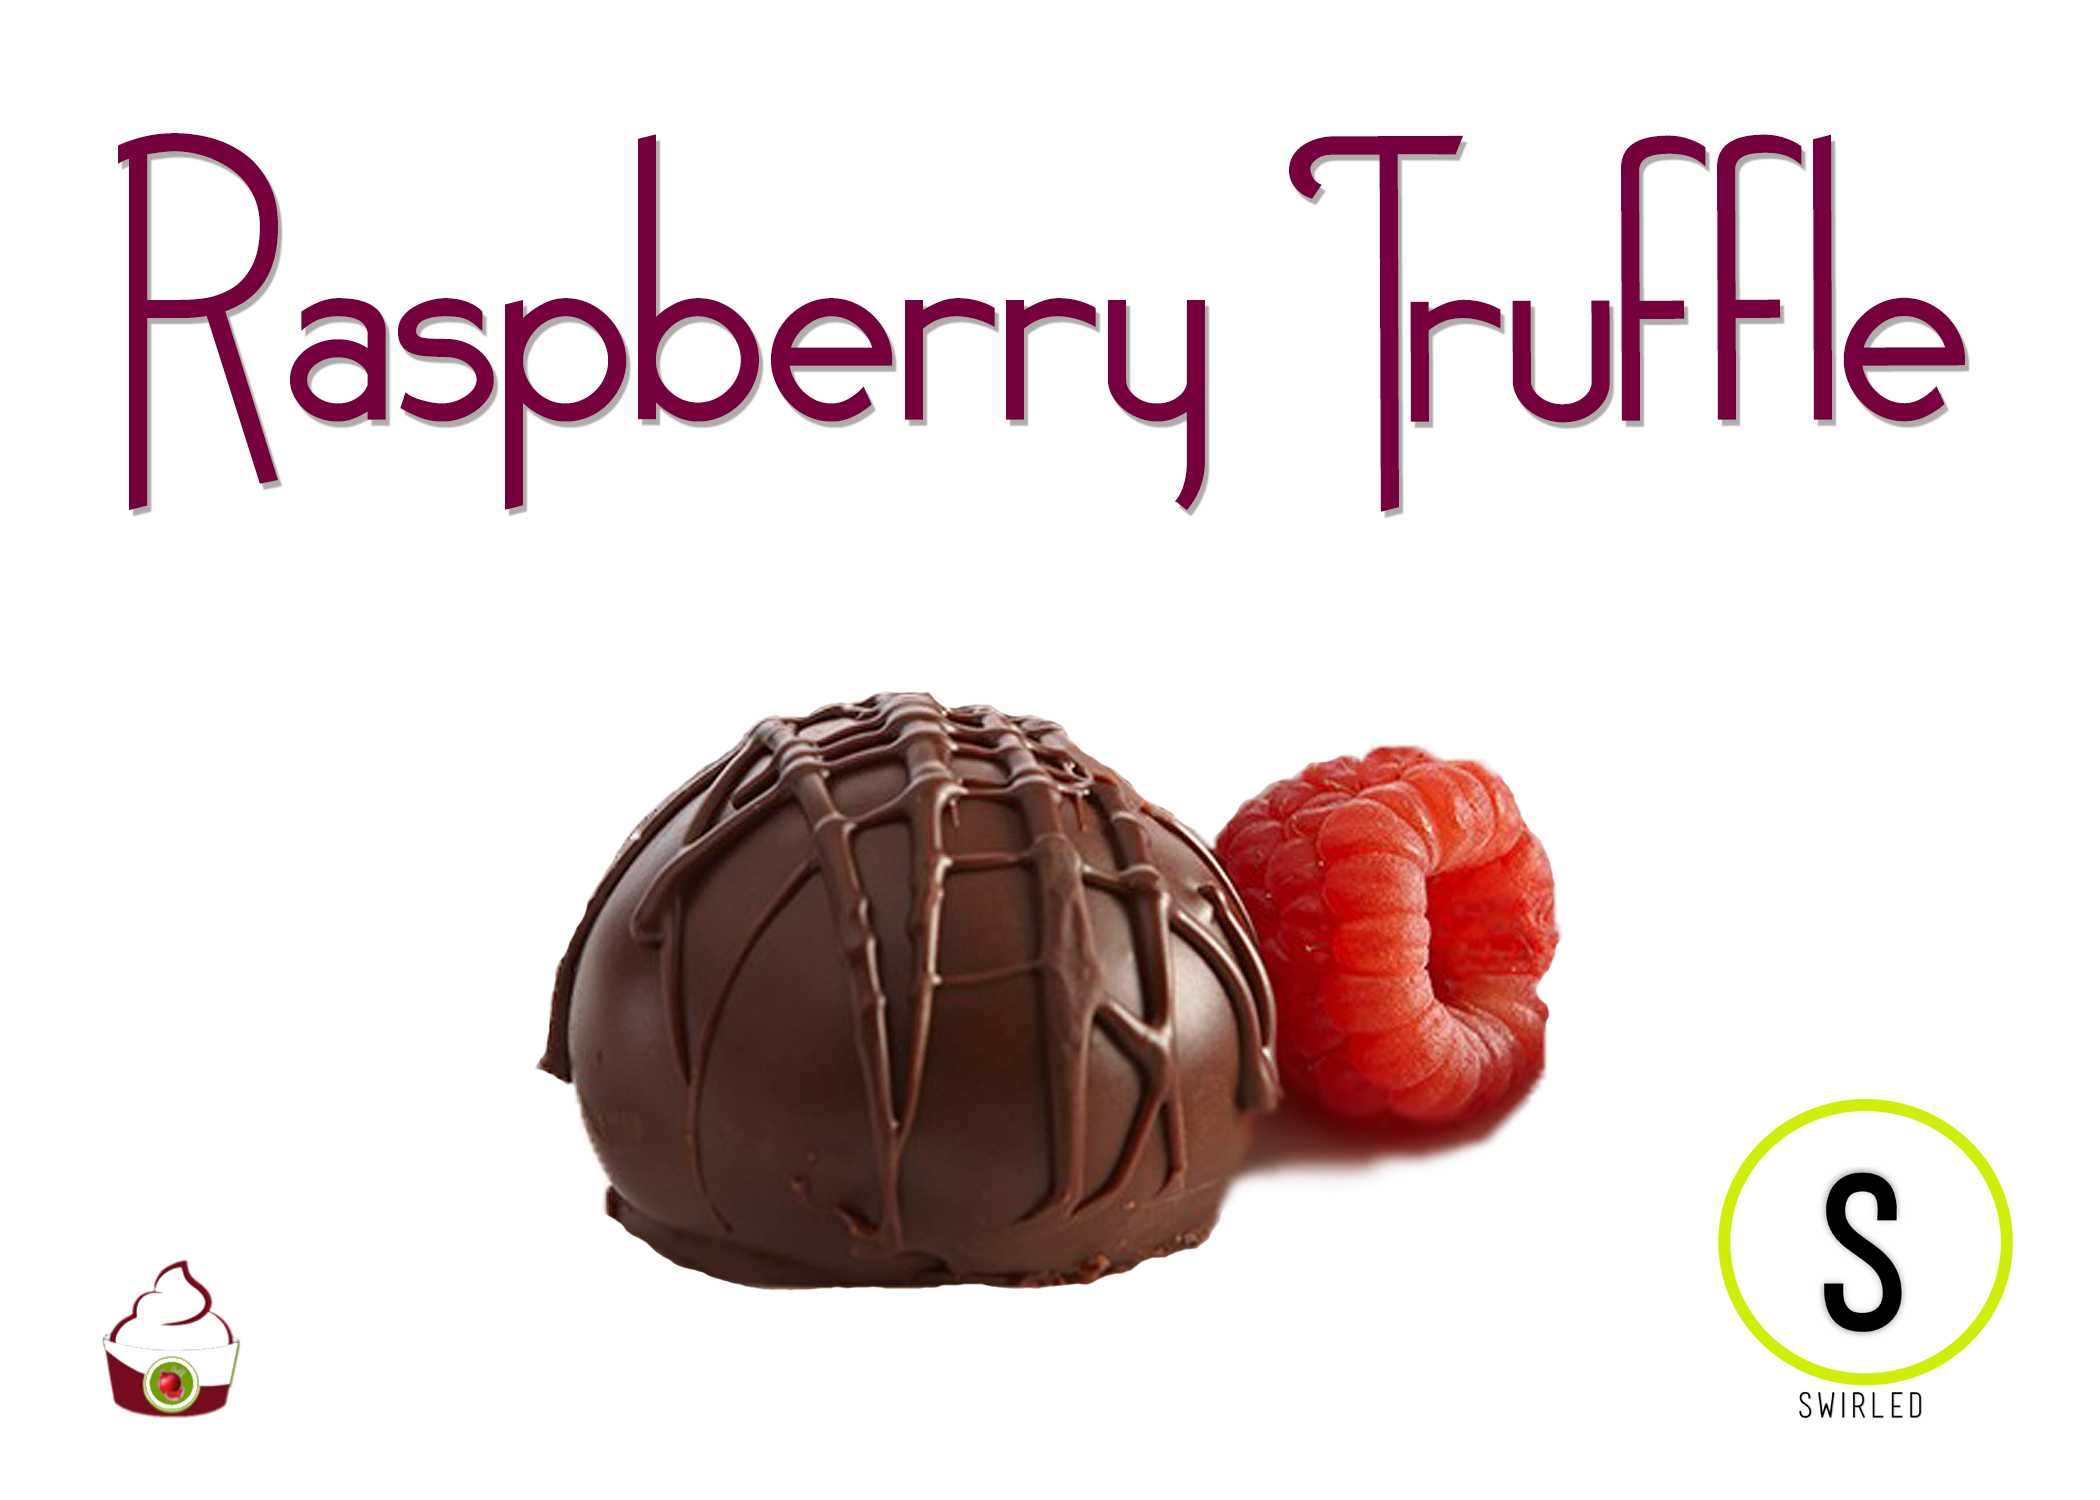 raspberry truffle.jpg